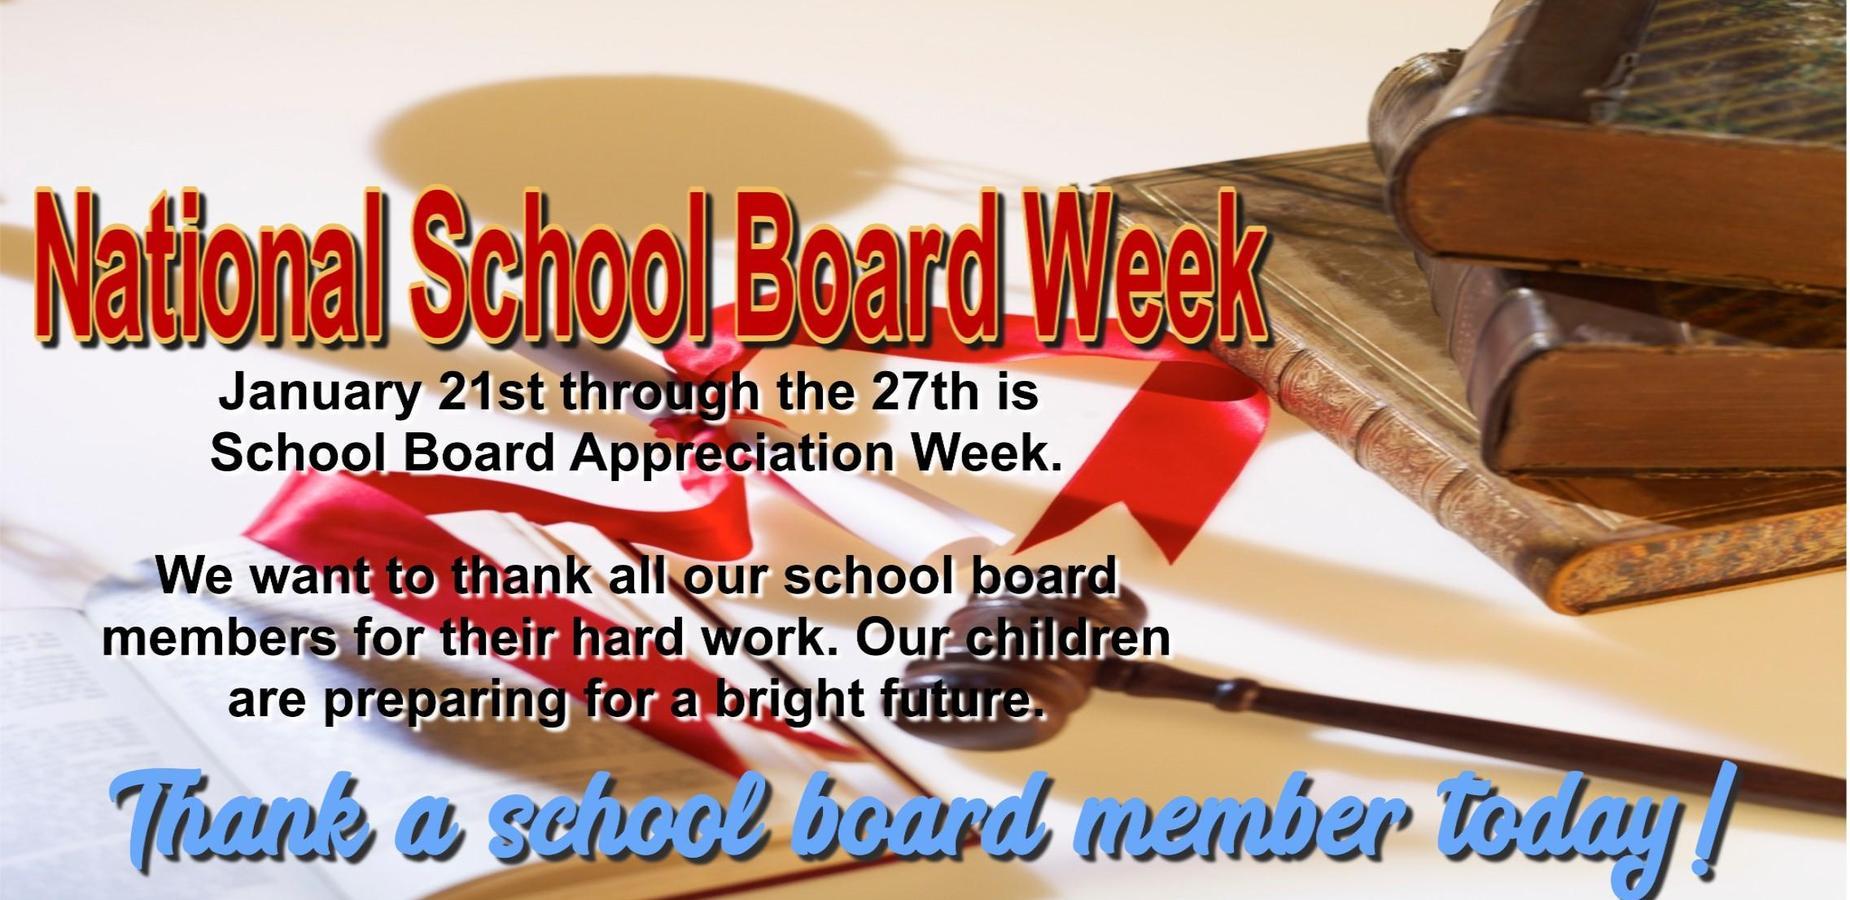 National School Board Week